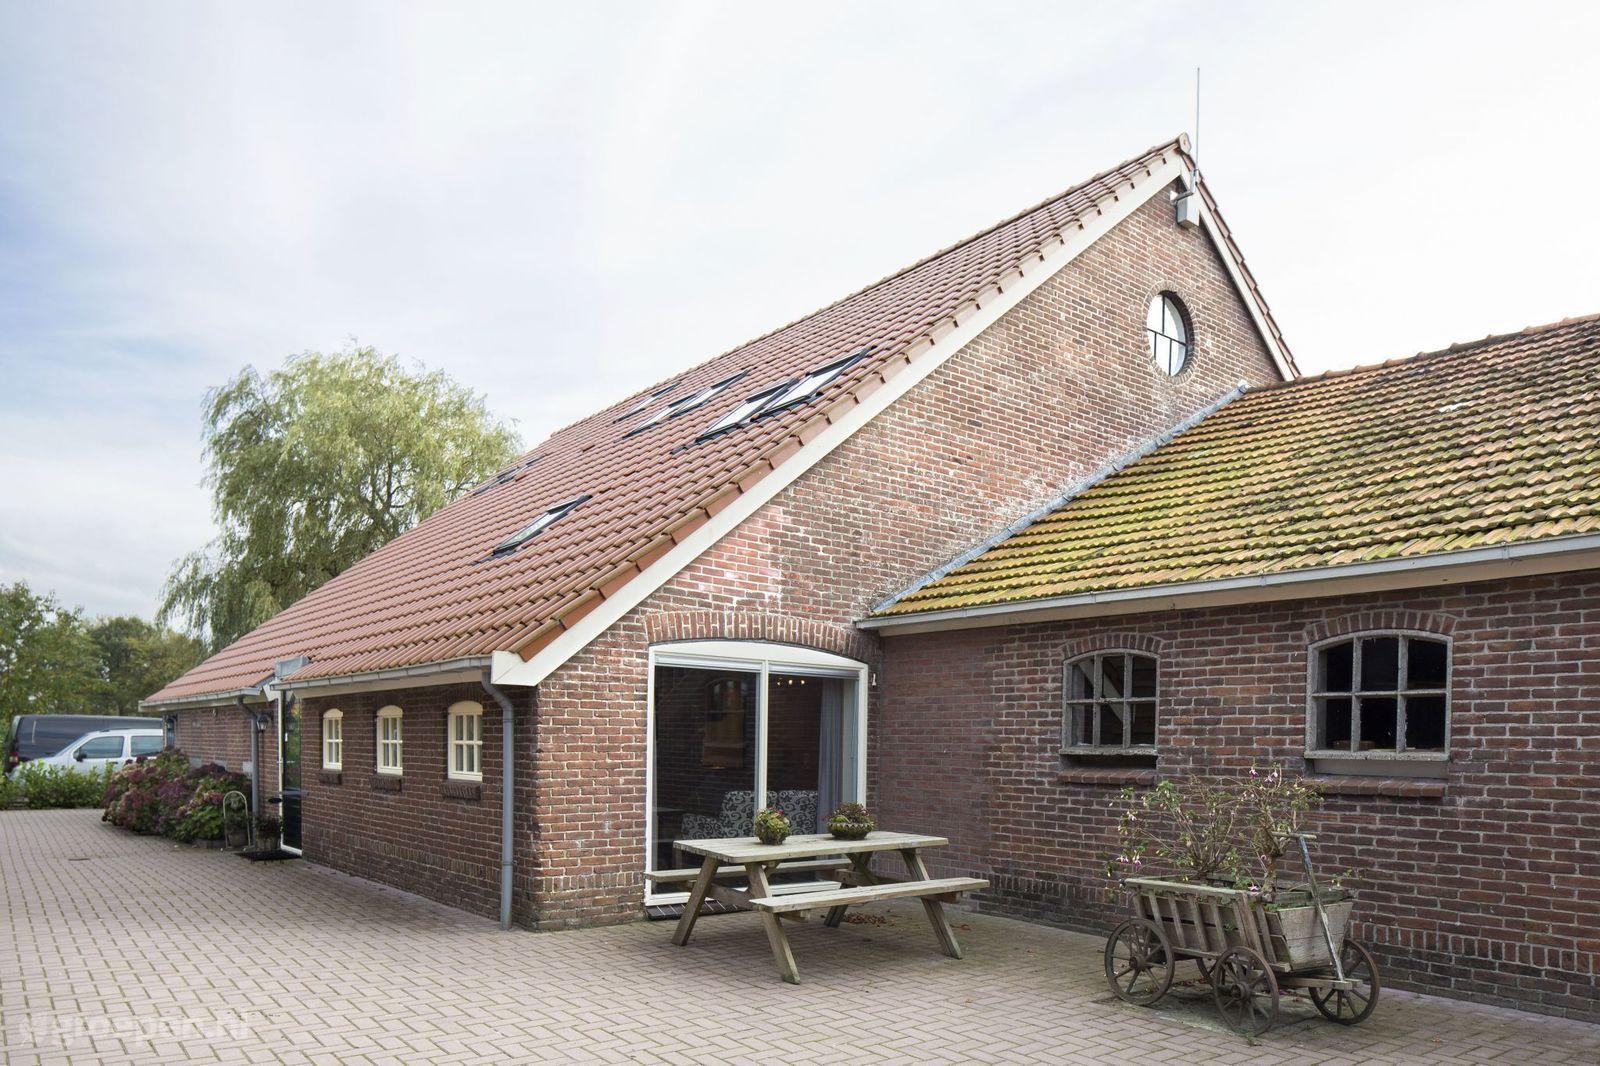 Bauernhäus Oude Willem